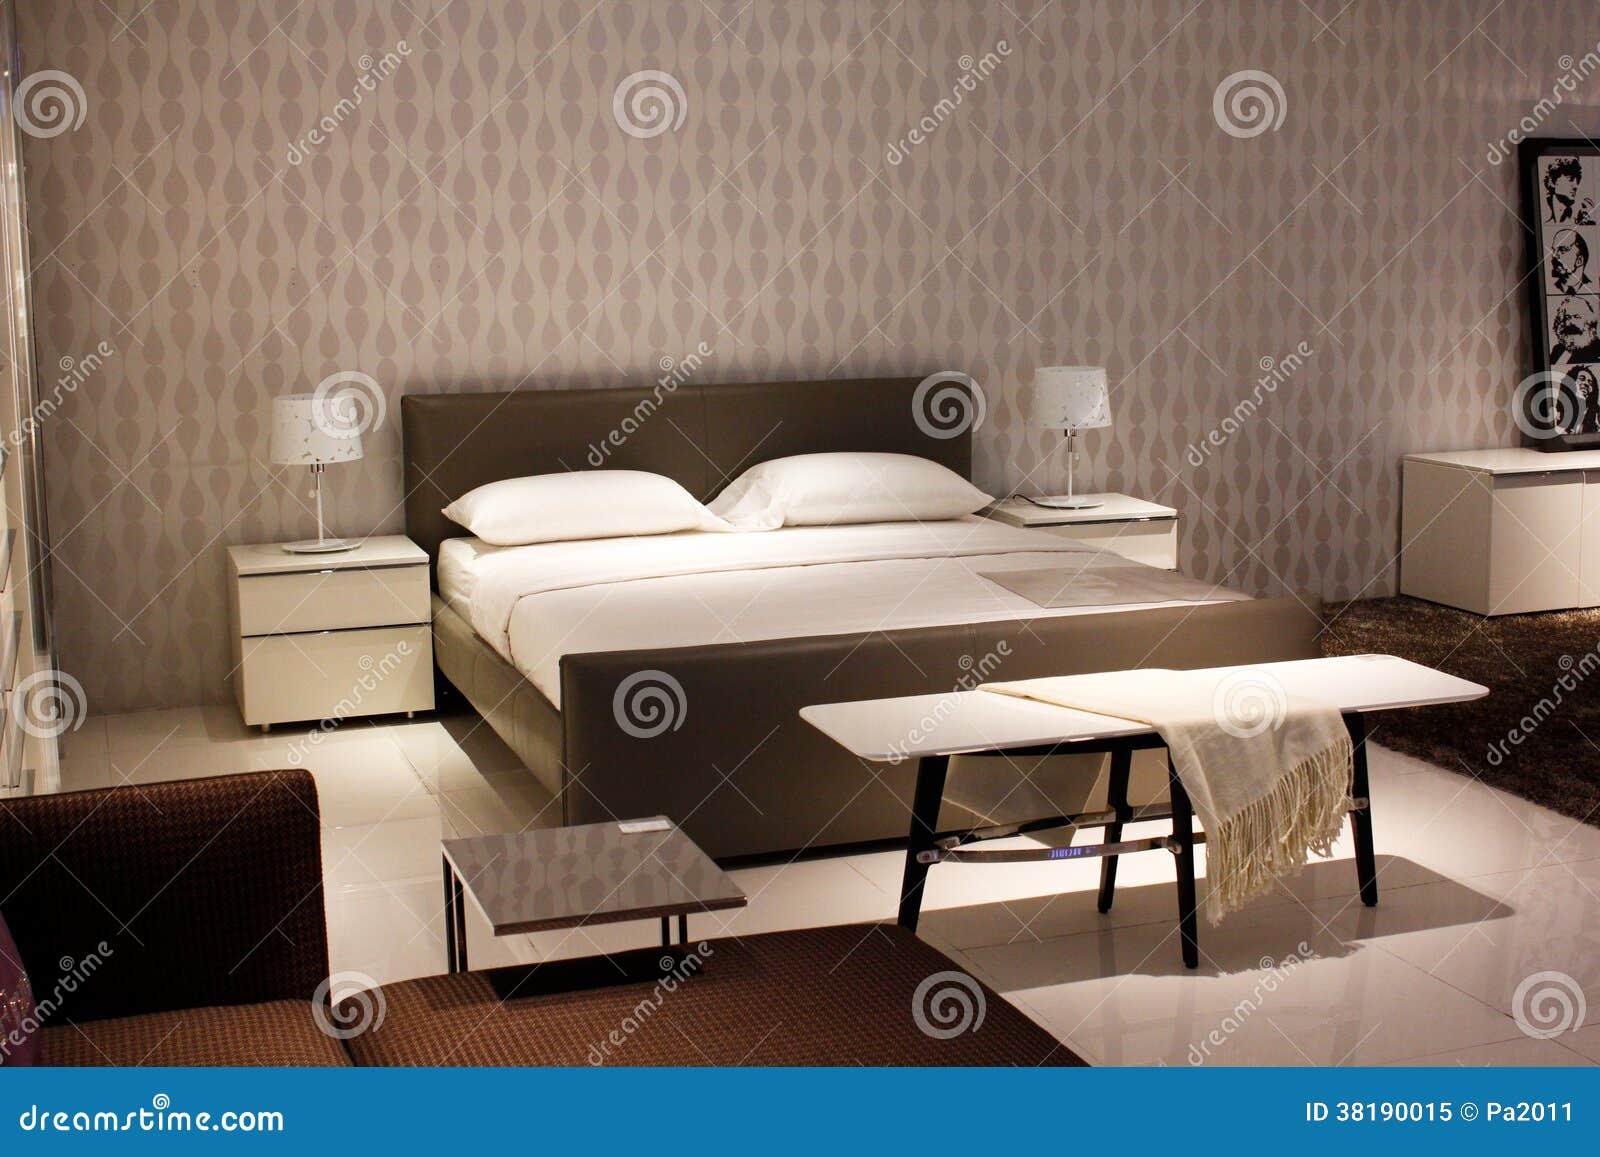 Chinesische Moderne Artmobel Schlafzimmer Stockbild Bild Von Haupt Schlafzimmer 38190015